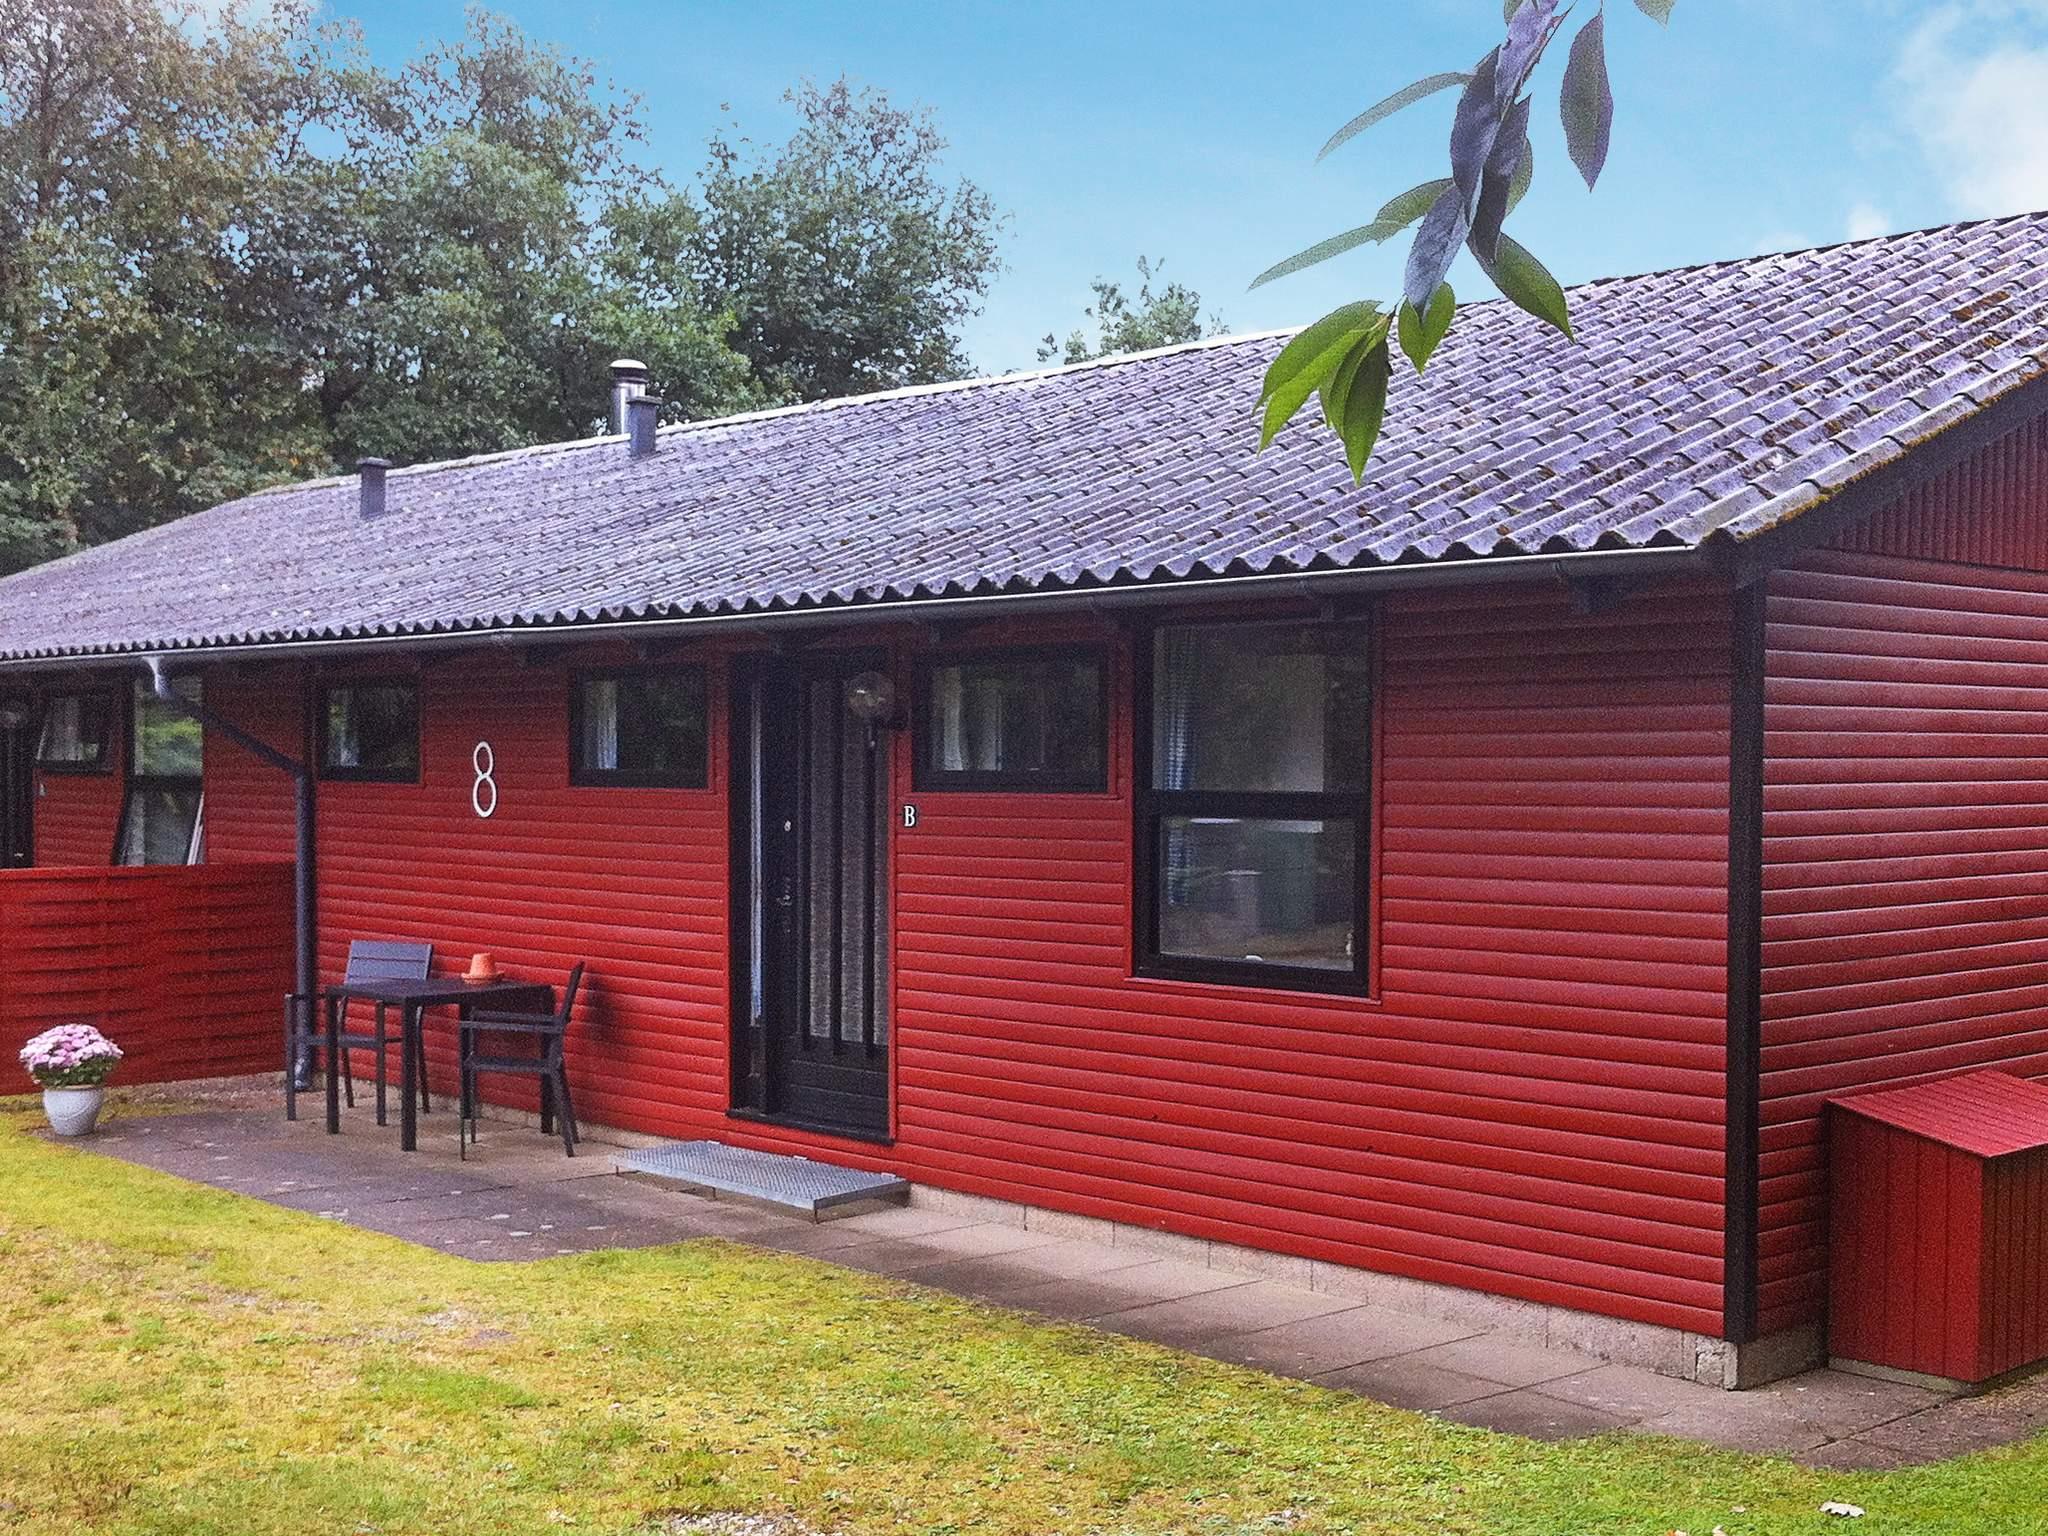 Ferienhaus Silkeborg (2354771), Silkeborg, , Ostjütland, Dänemark, Bild 1